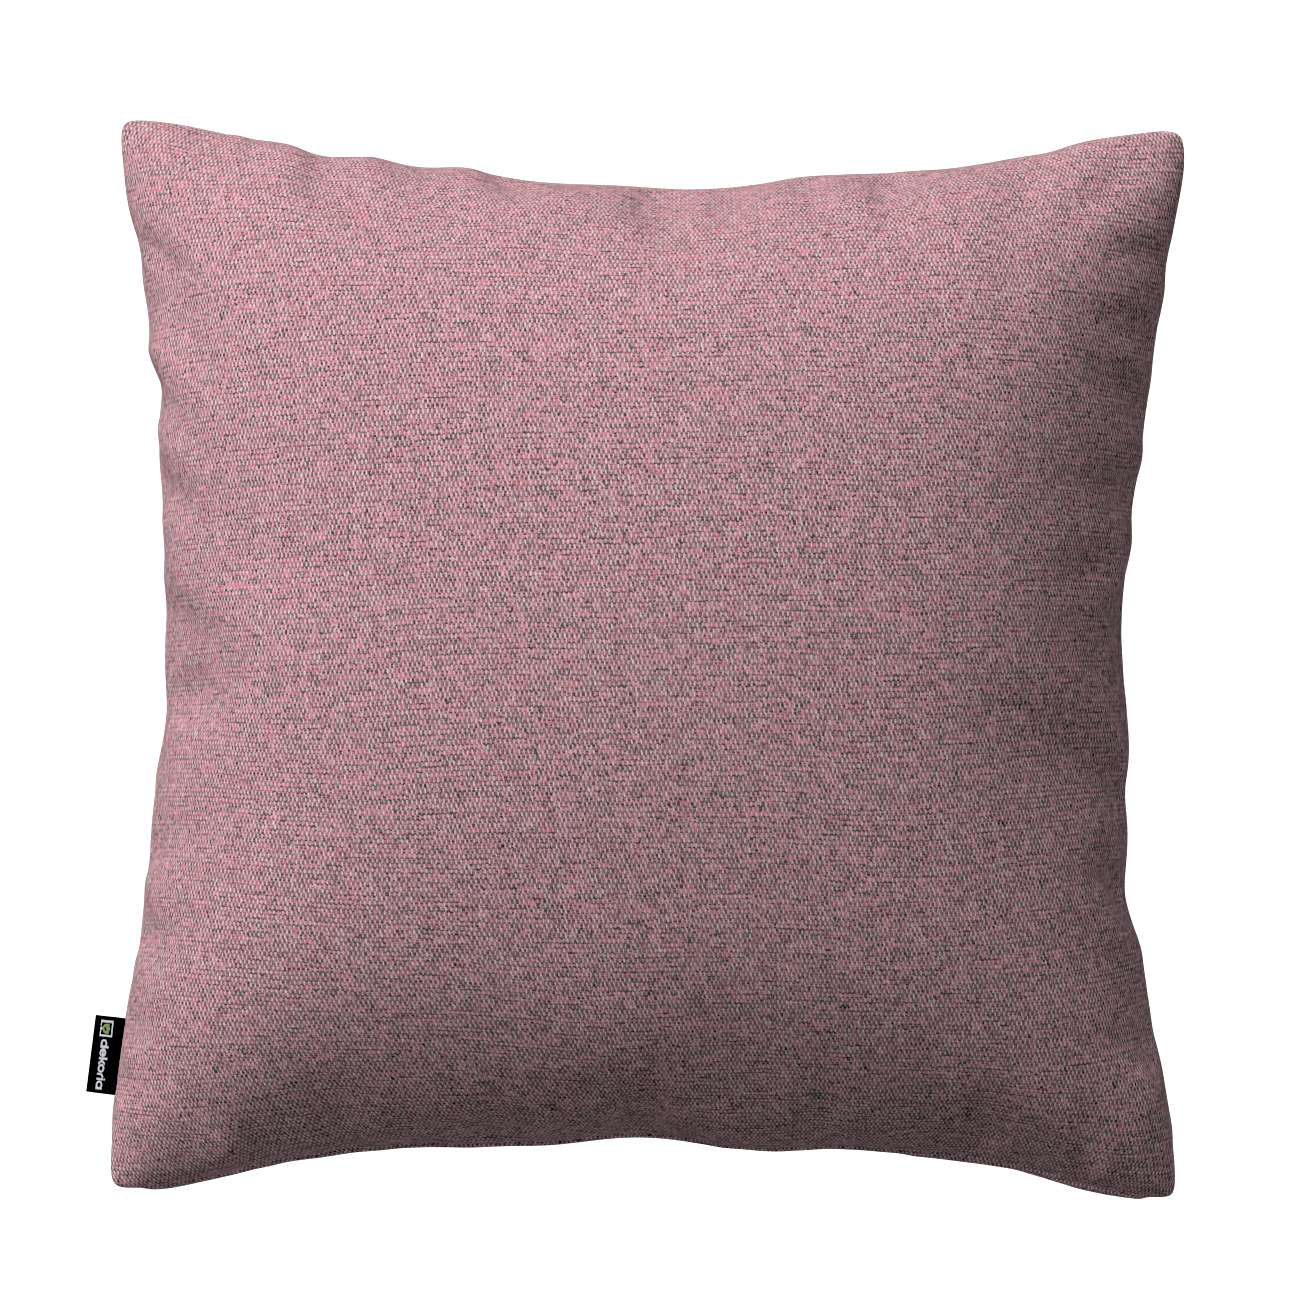 Poszewka Kinga na poduszkę w kolekcji Amsterdam, tkanina: 704-48